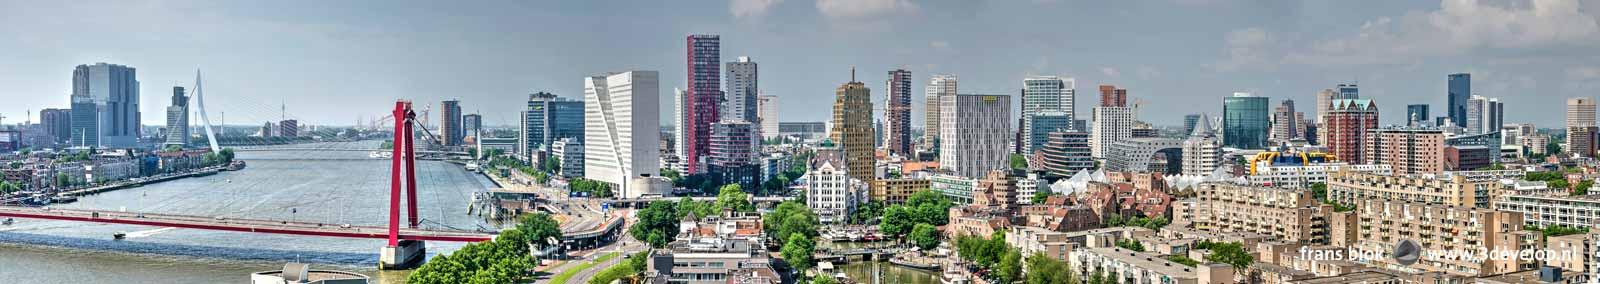 De skyline van Rotterdam gezien vanaf studentenflat de Hoge Wiek tijdens de Dakendagen 2018, met onder andere de Rotterdam, de Erasmusbrug, de Willemsbrug, het Witte Huis en de Markthal.